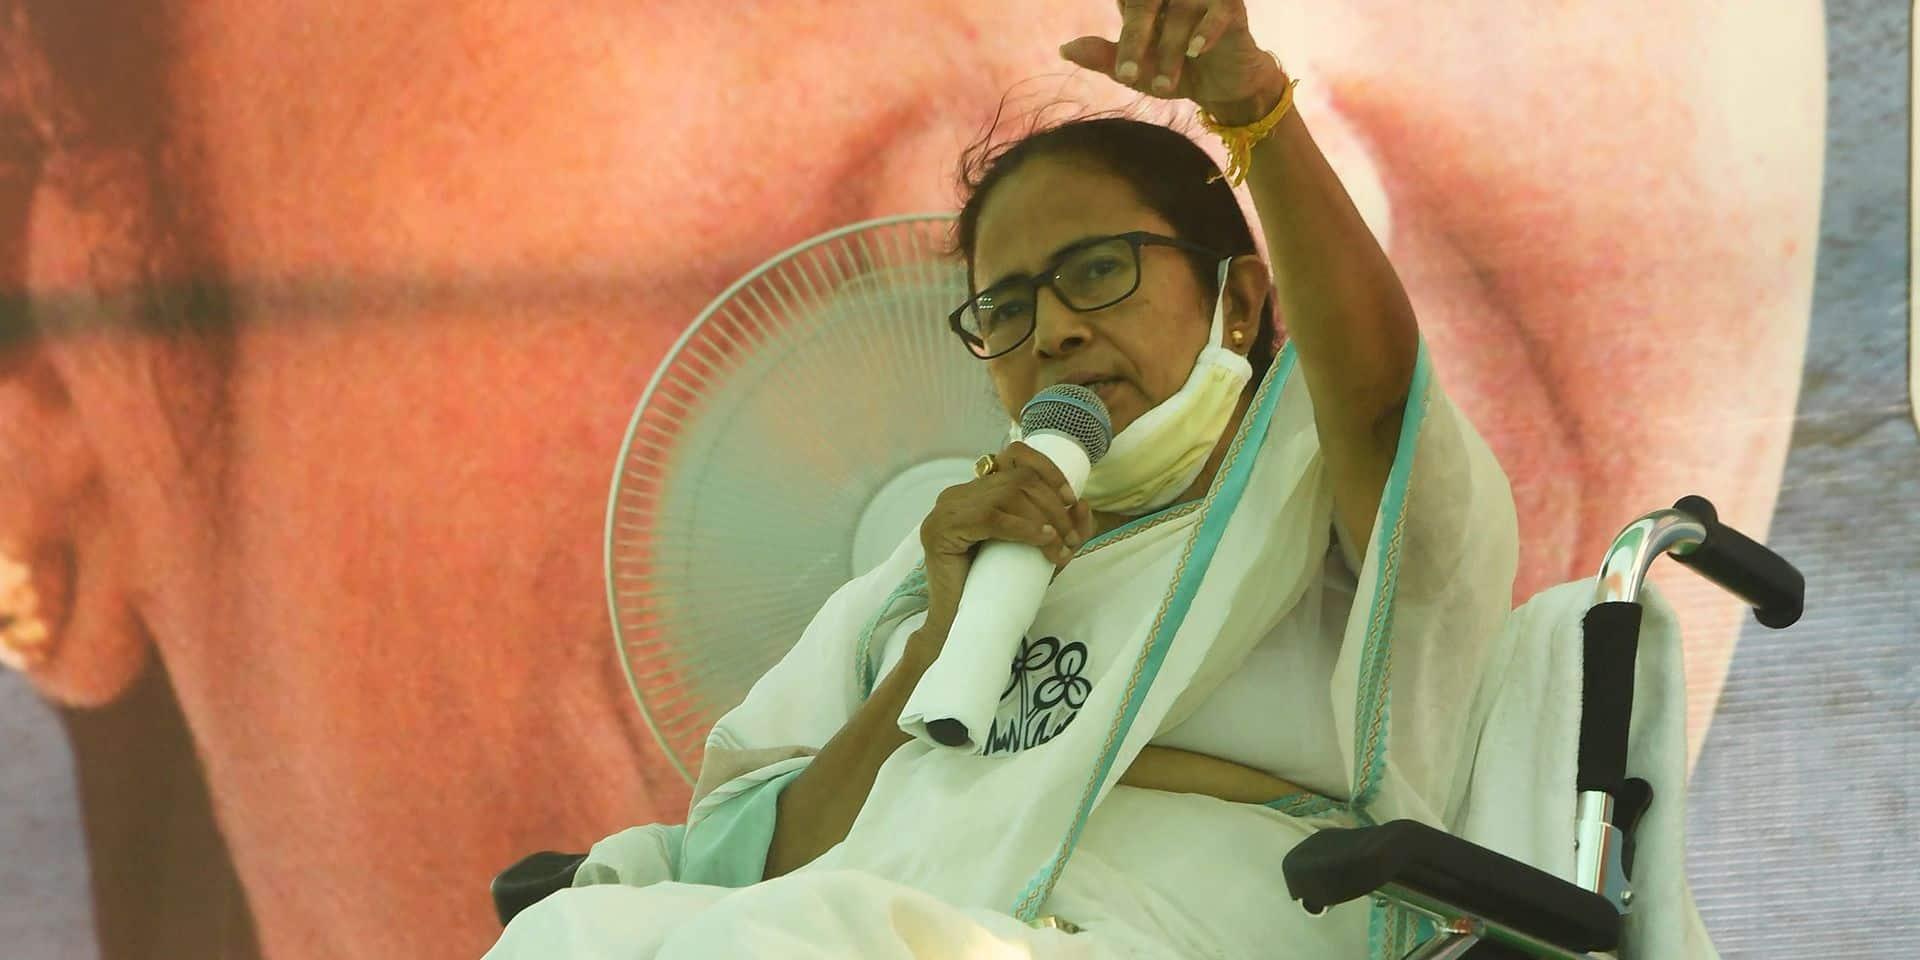 Le Bengale-Occidental, miroir d'une démocratie fragilisée